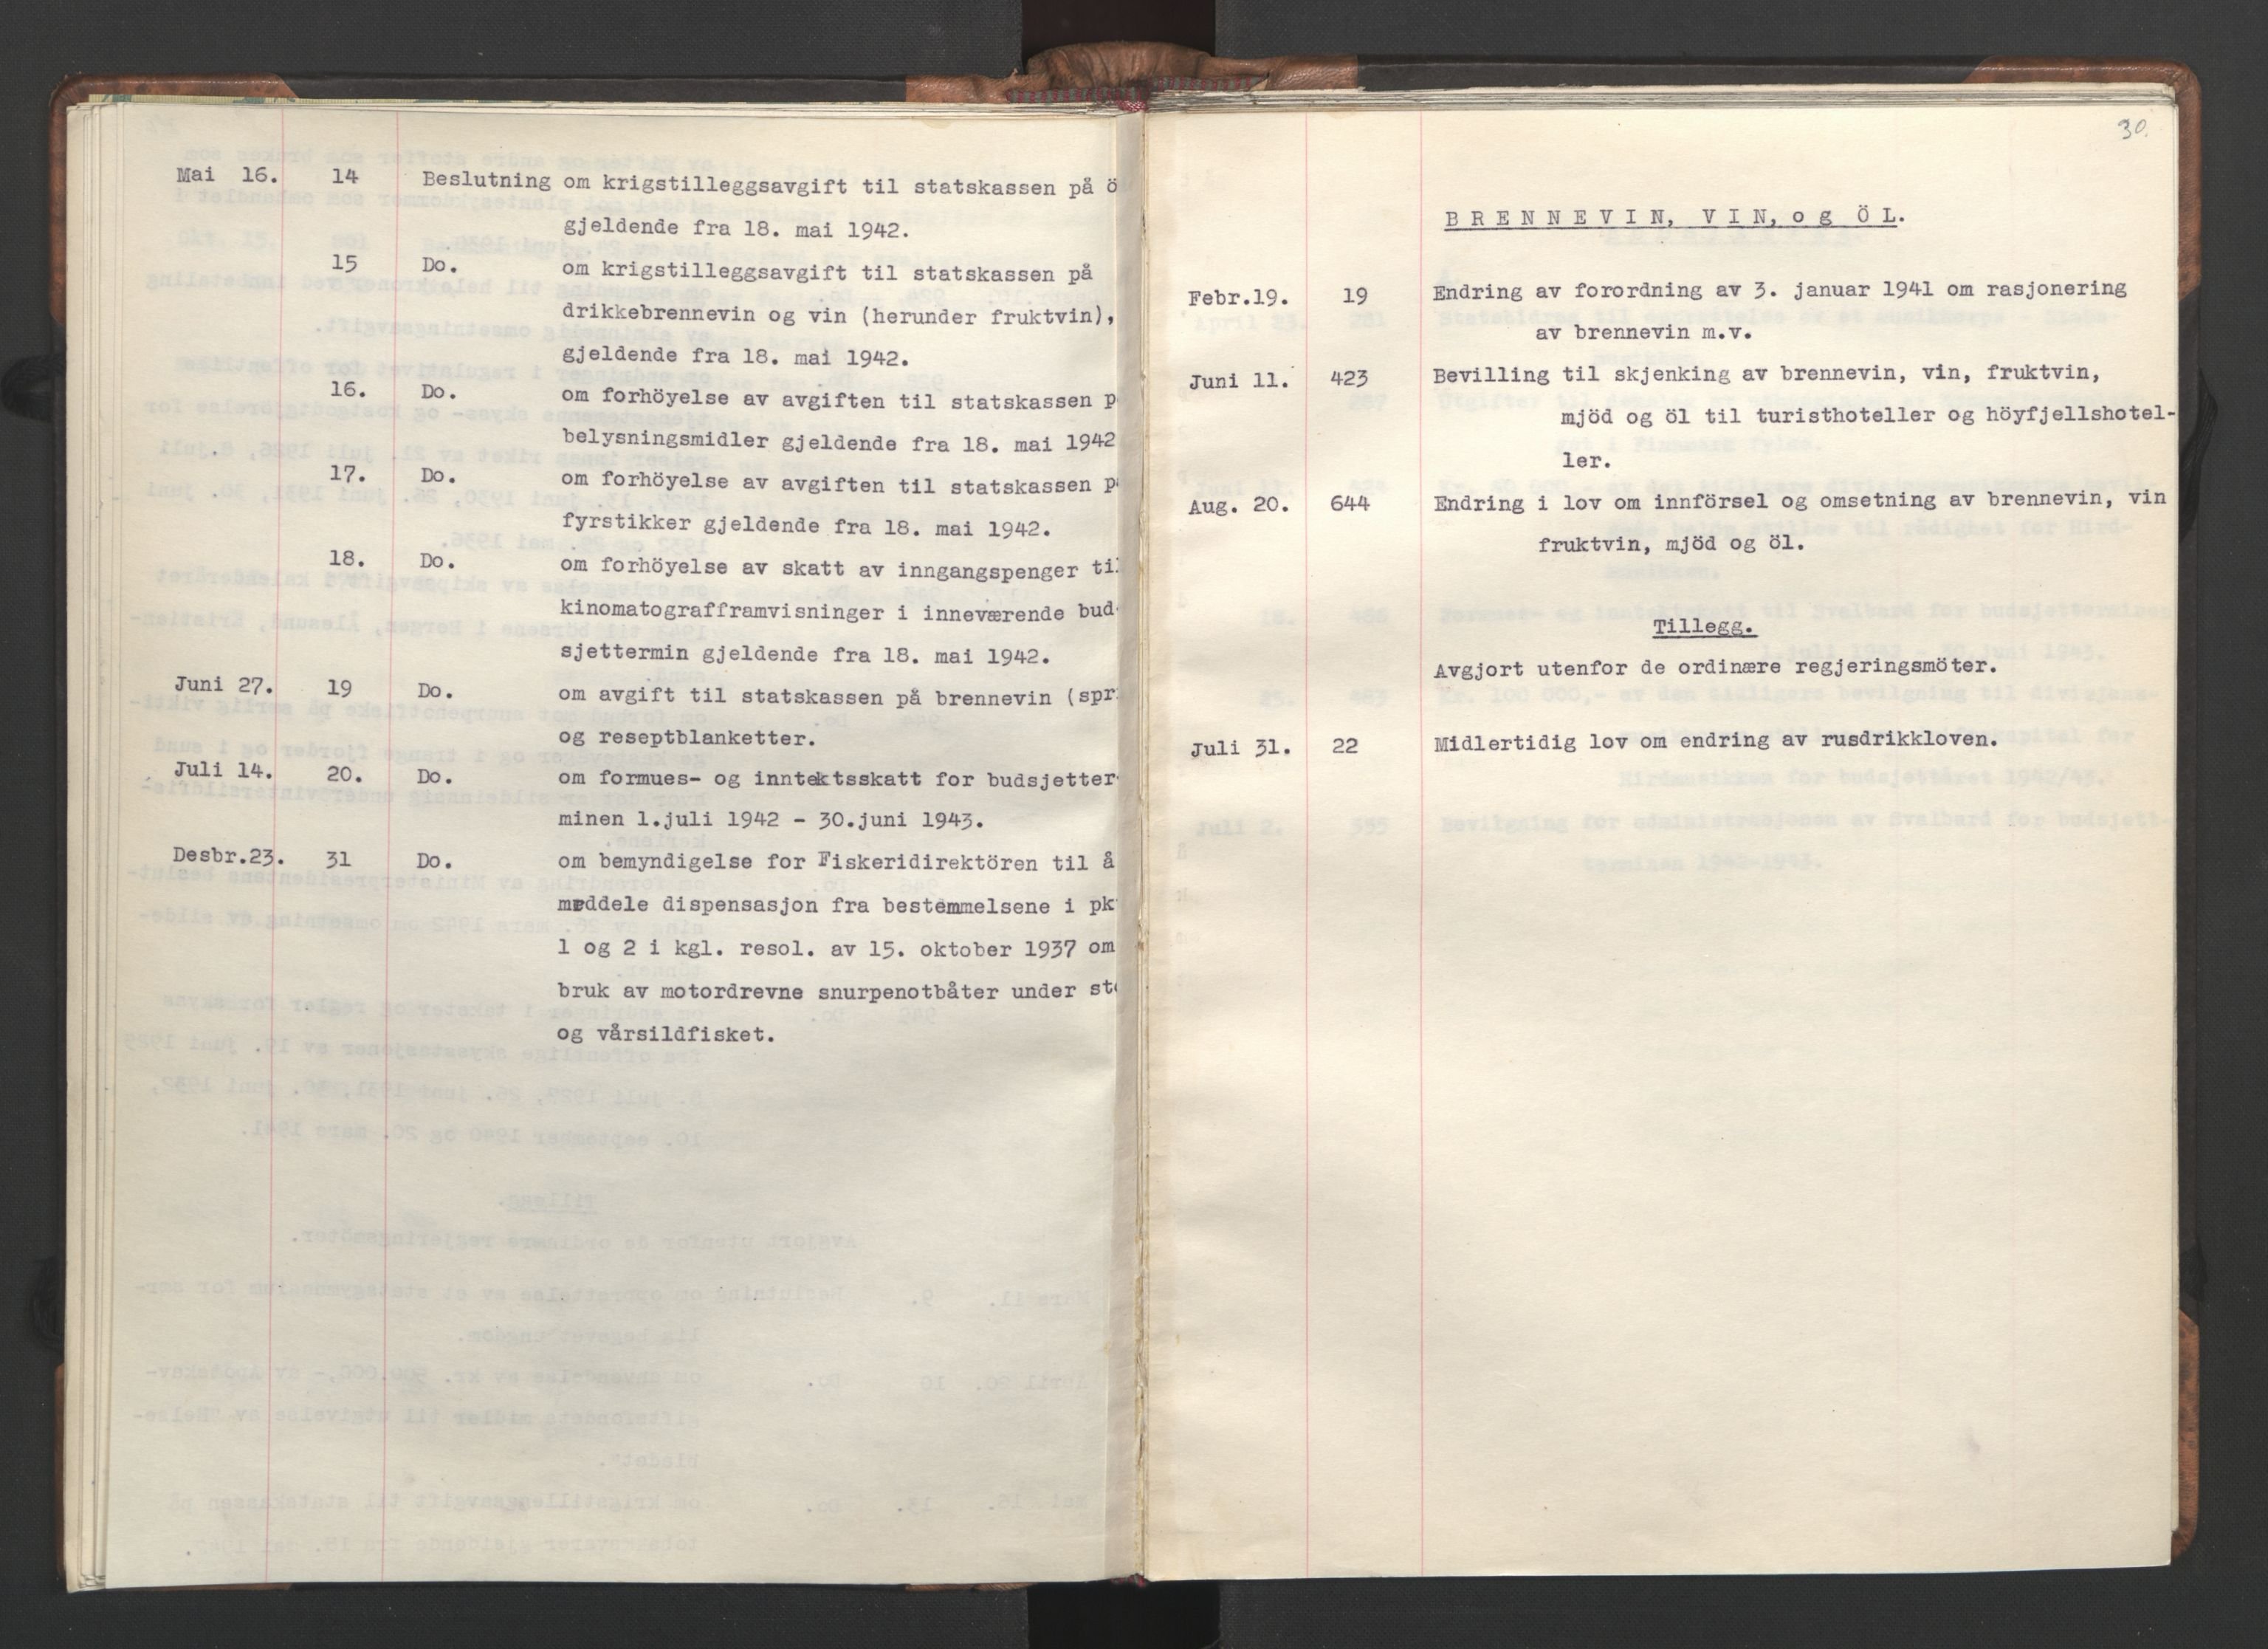 RA, NS-administrasjonen 1940-1945 (Statsrådsekretariatet, de kommisariske statsråder mm), D/Da/L0002: Register (RA j.nr. 985/1943, tilgangsnr. 17/1943), 1942, s. 29b-30a